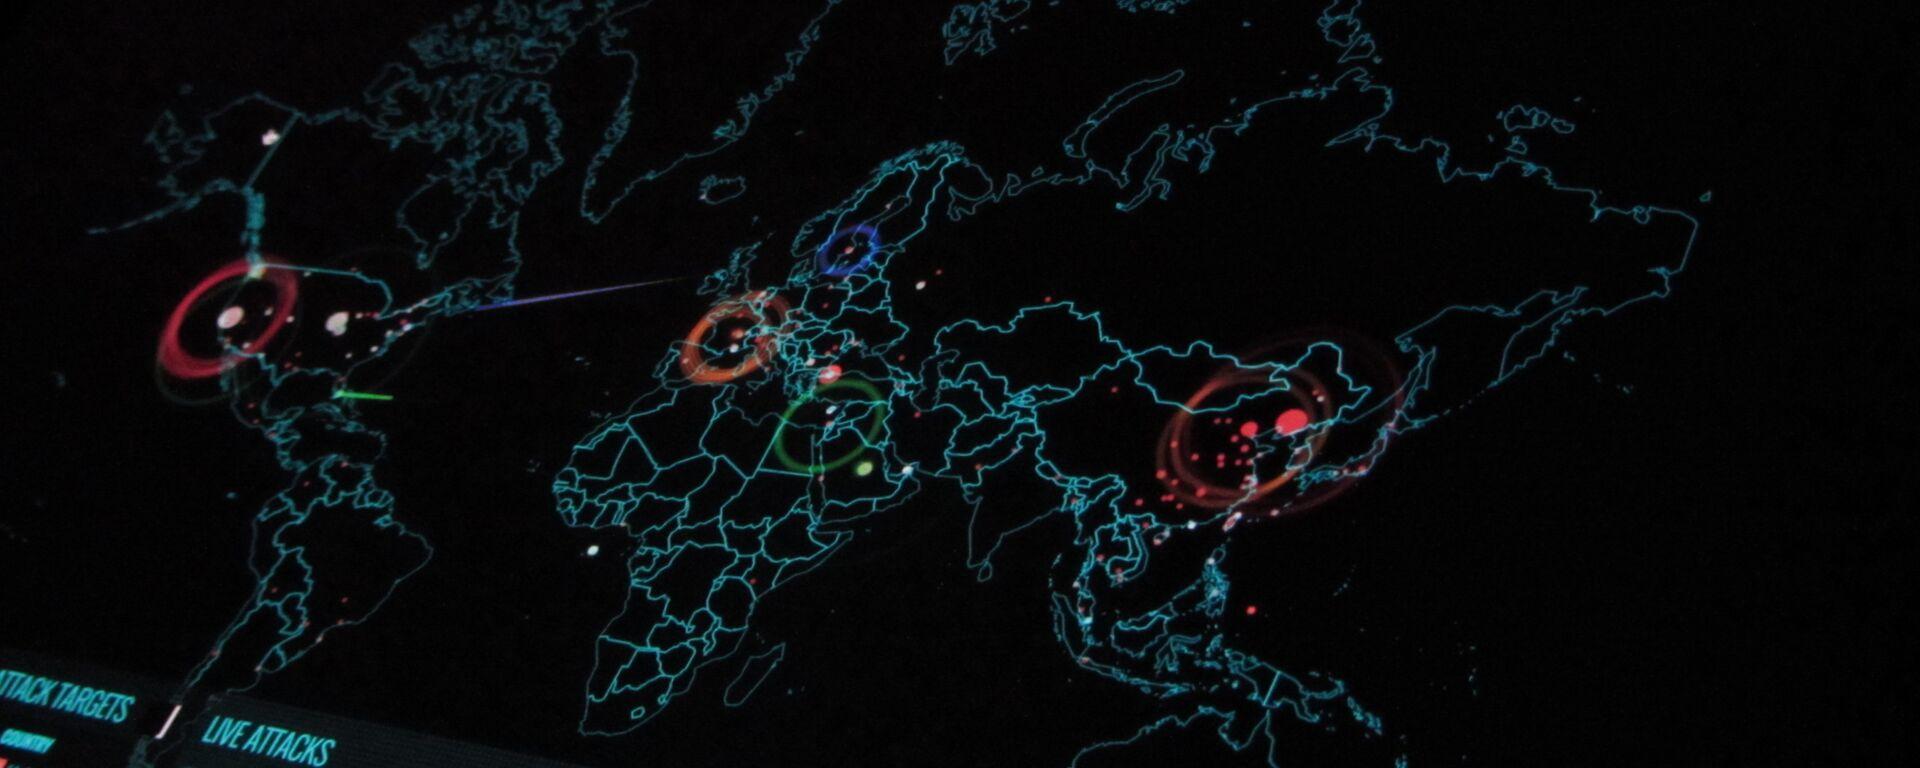 Ciberataque (imagen referencial) - Sputnik Mundo, 1920, 29.09.2021